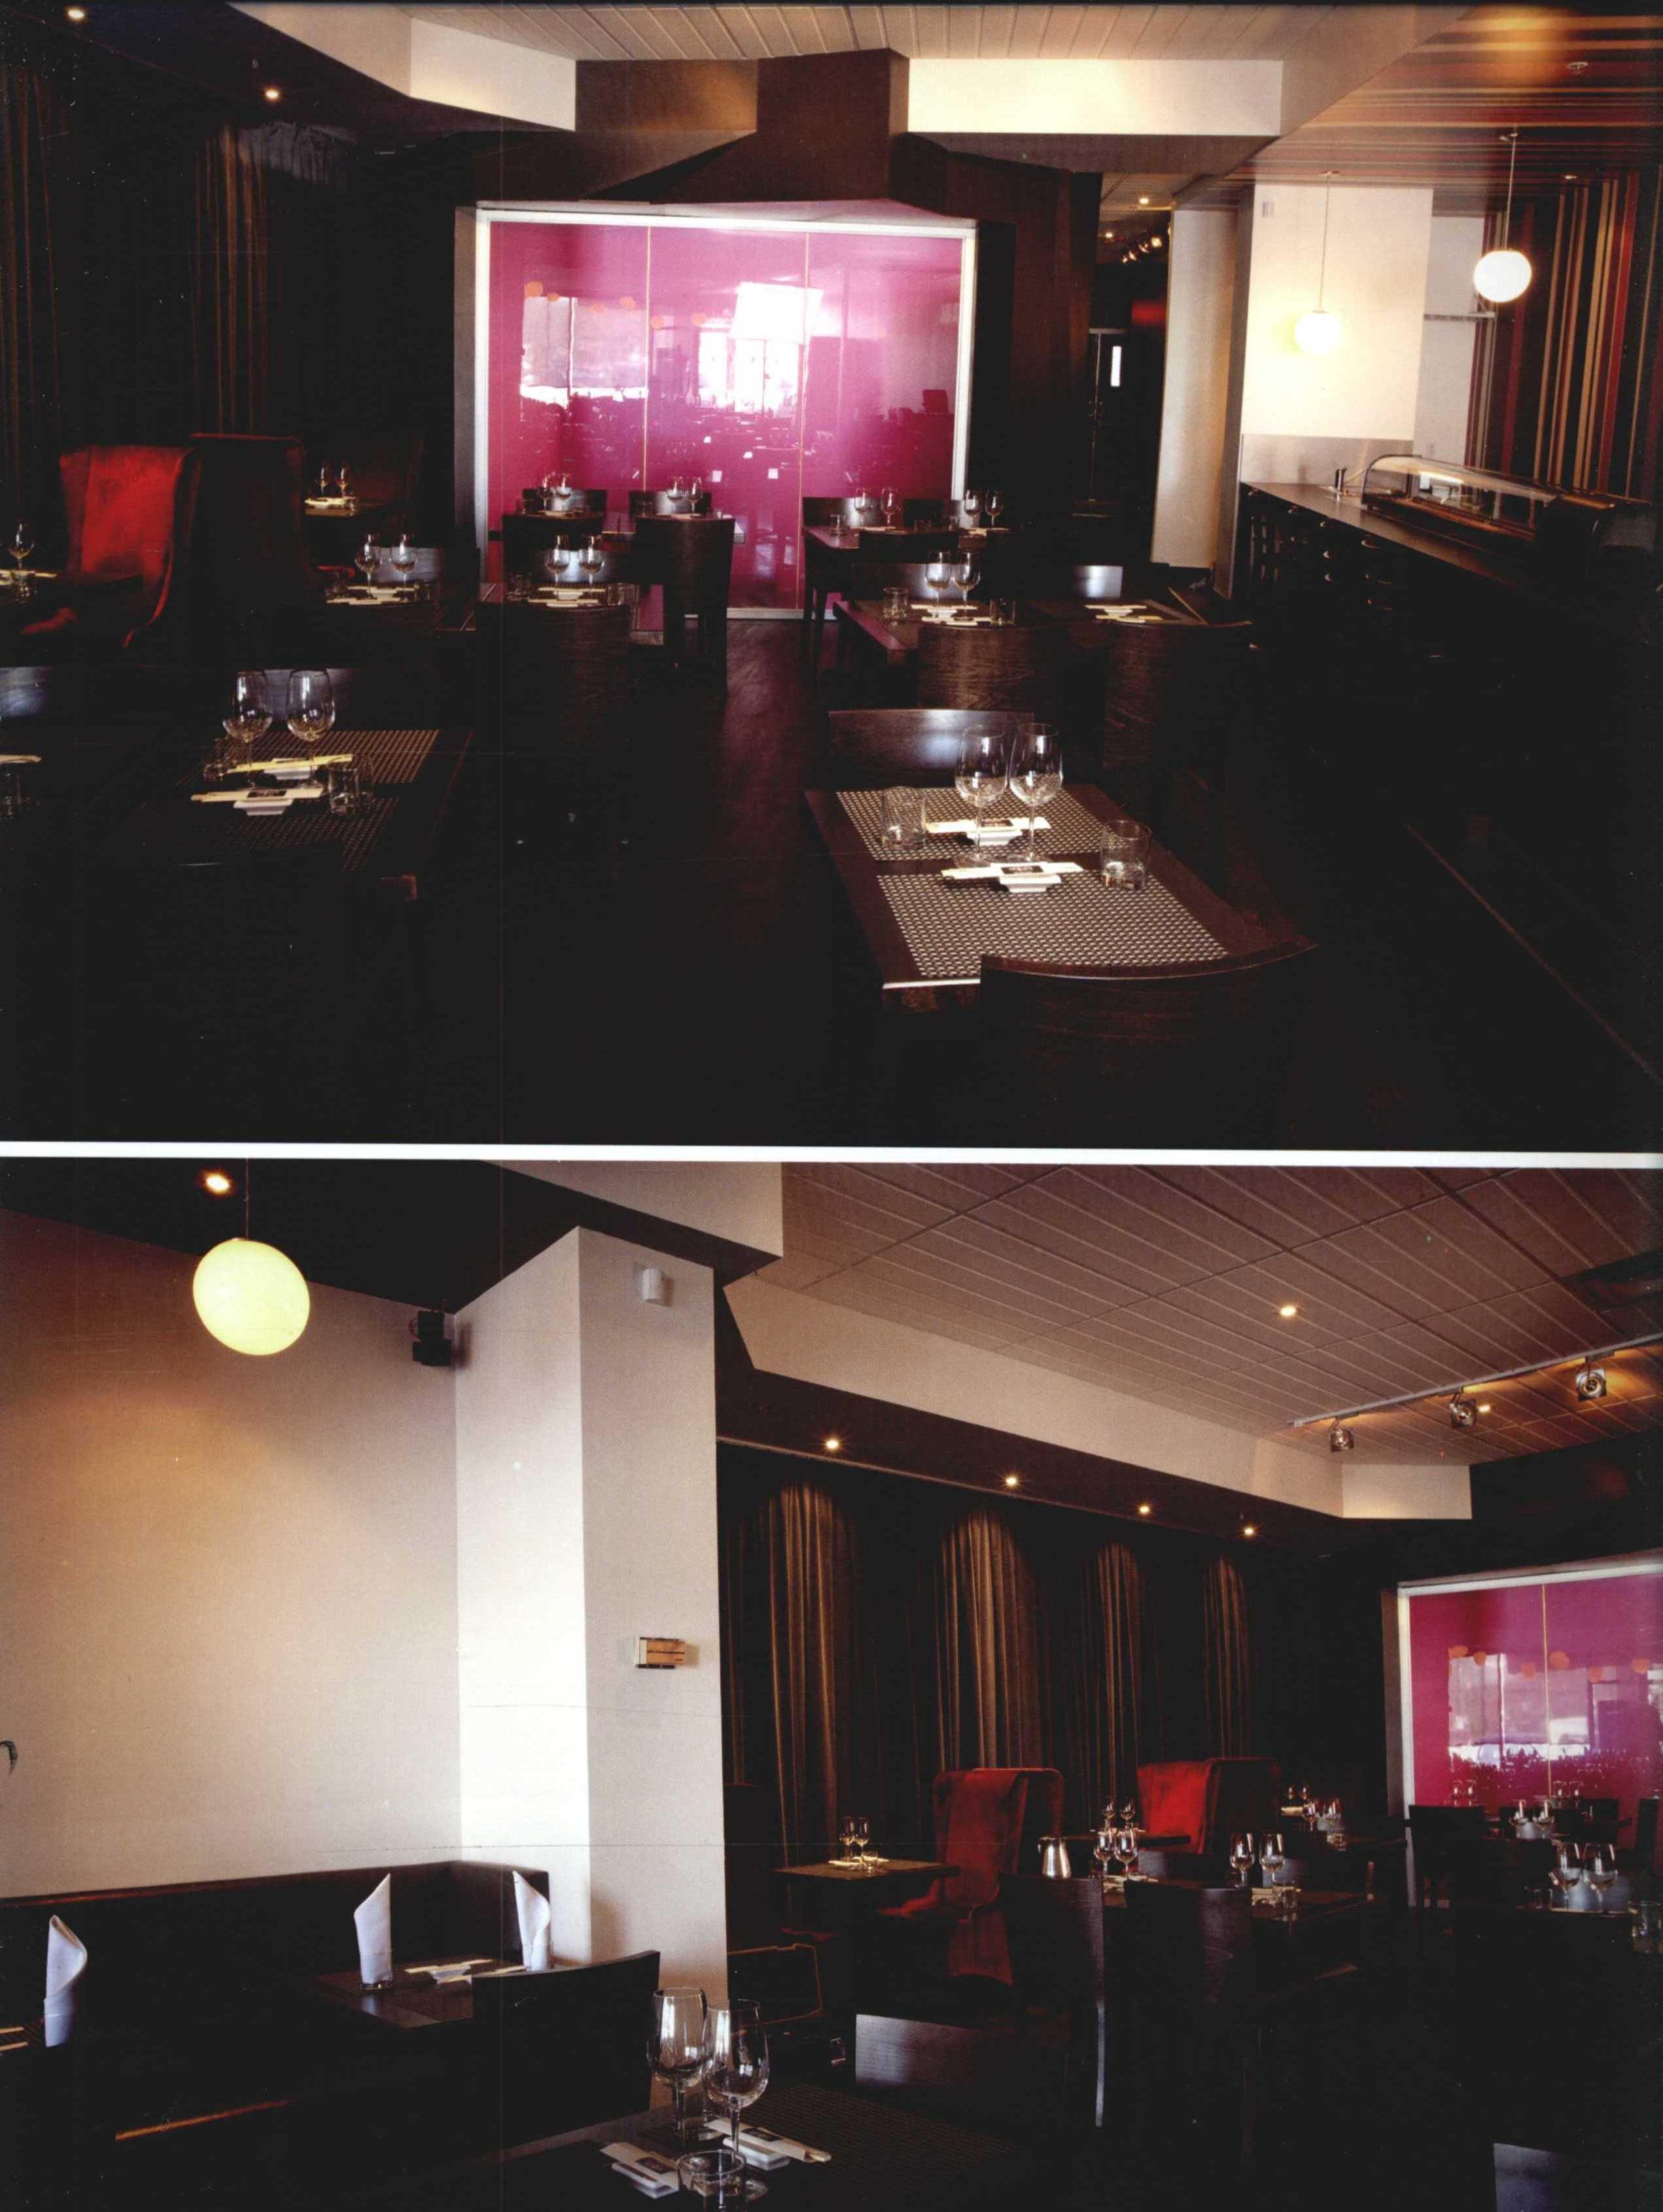 2012全球室内设计年鉴  餐饮_Page_264.jpg